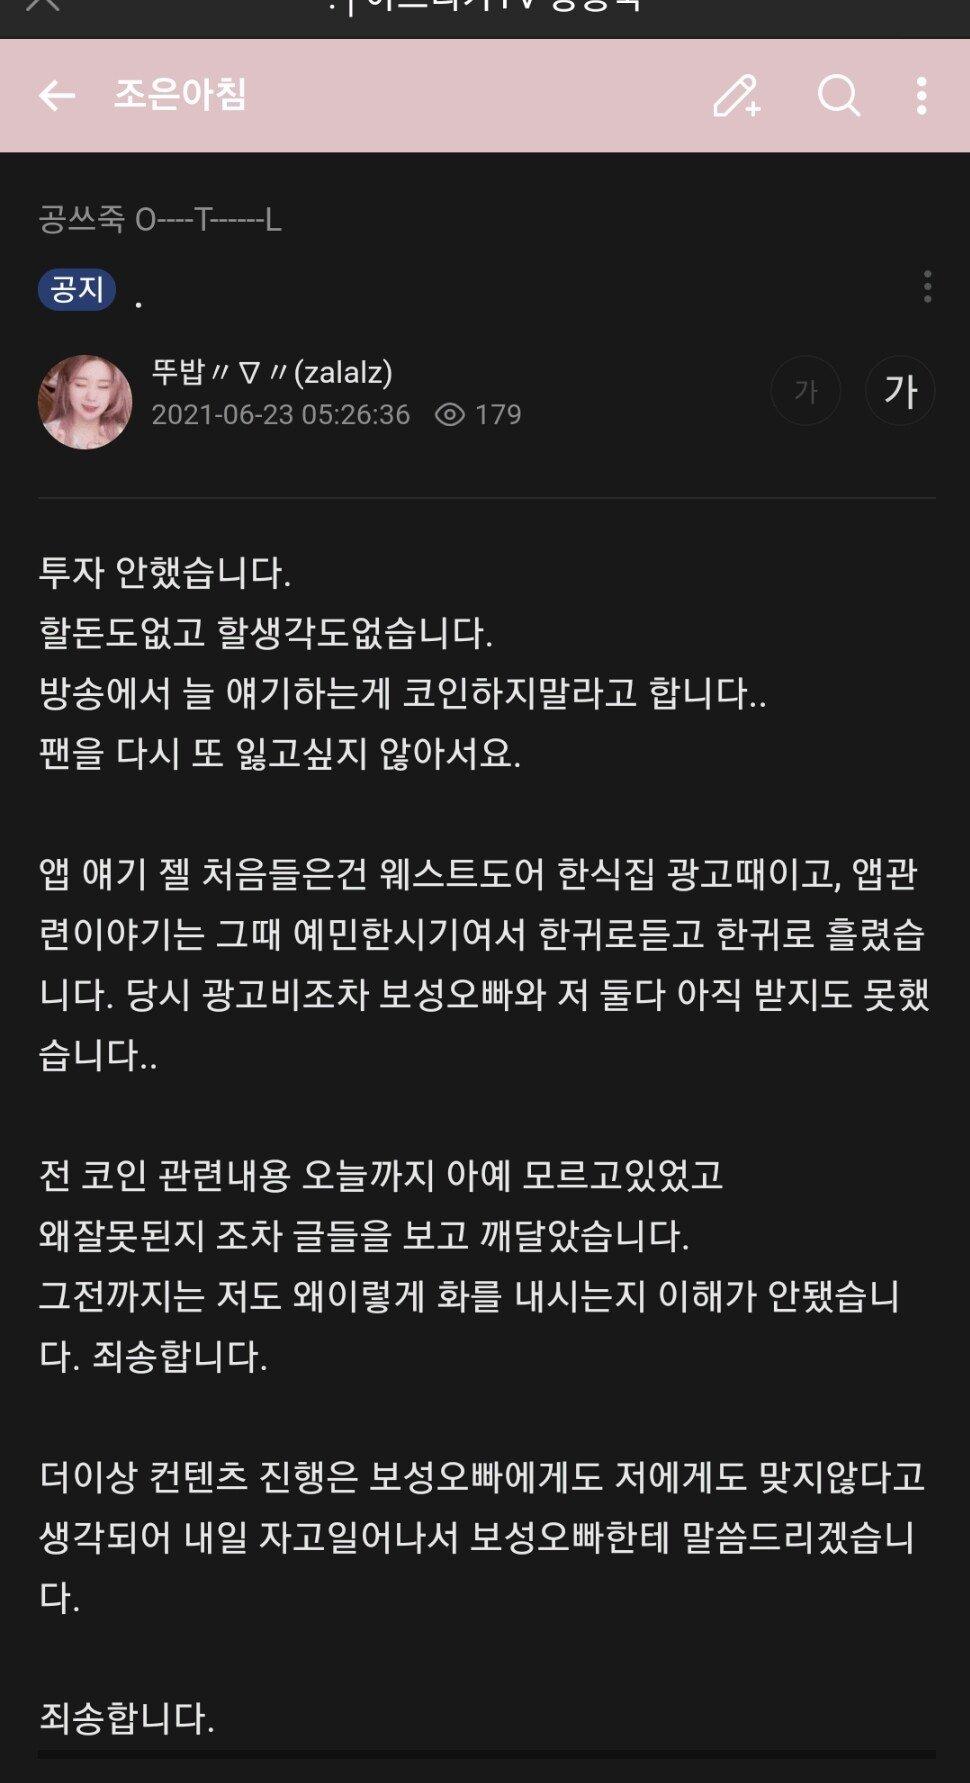 [뚜밥 공지] 죄송합니다.  (feat. 염보성)